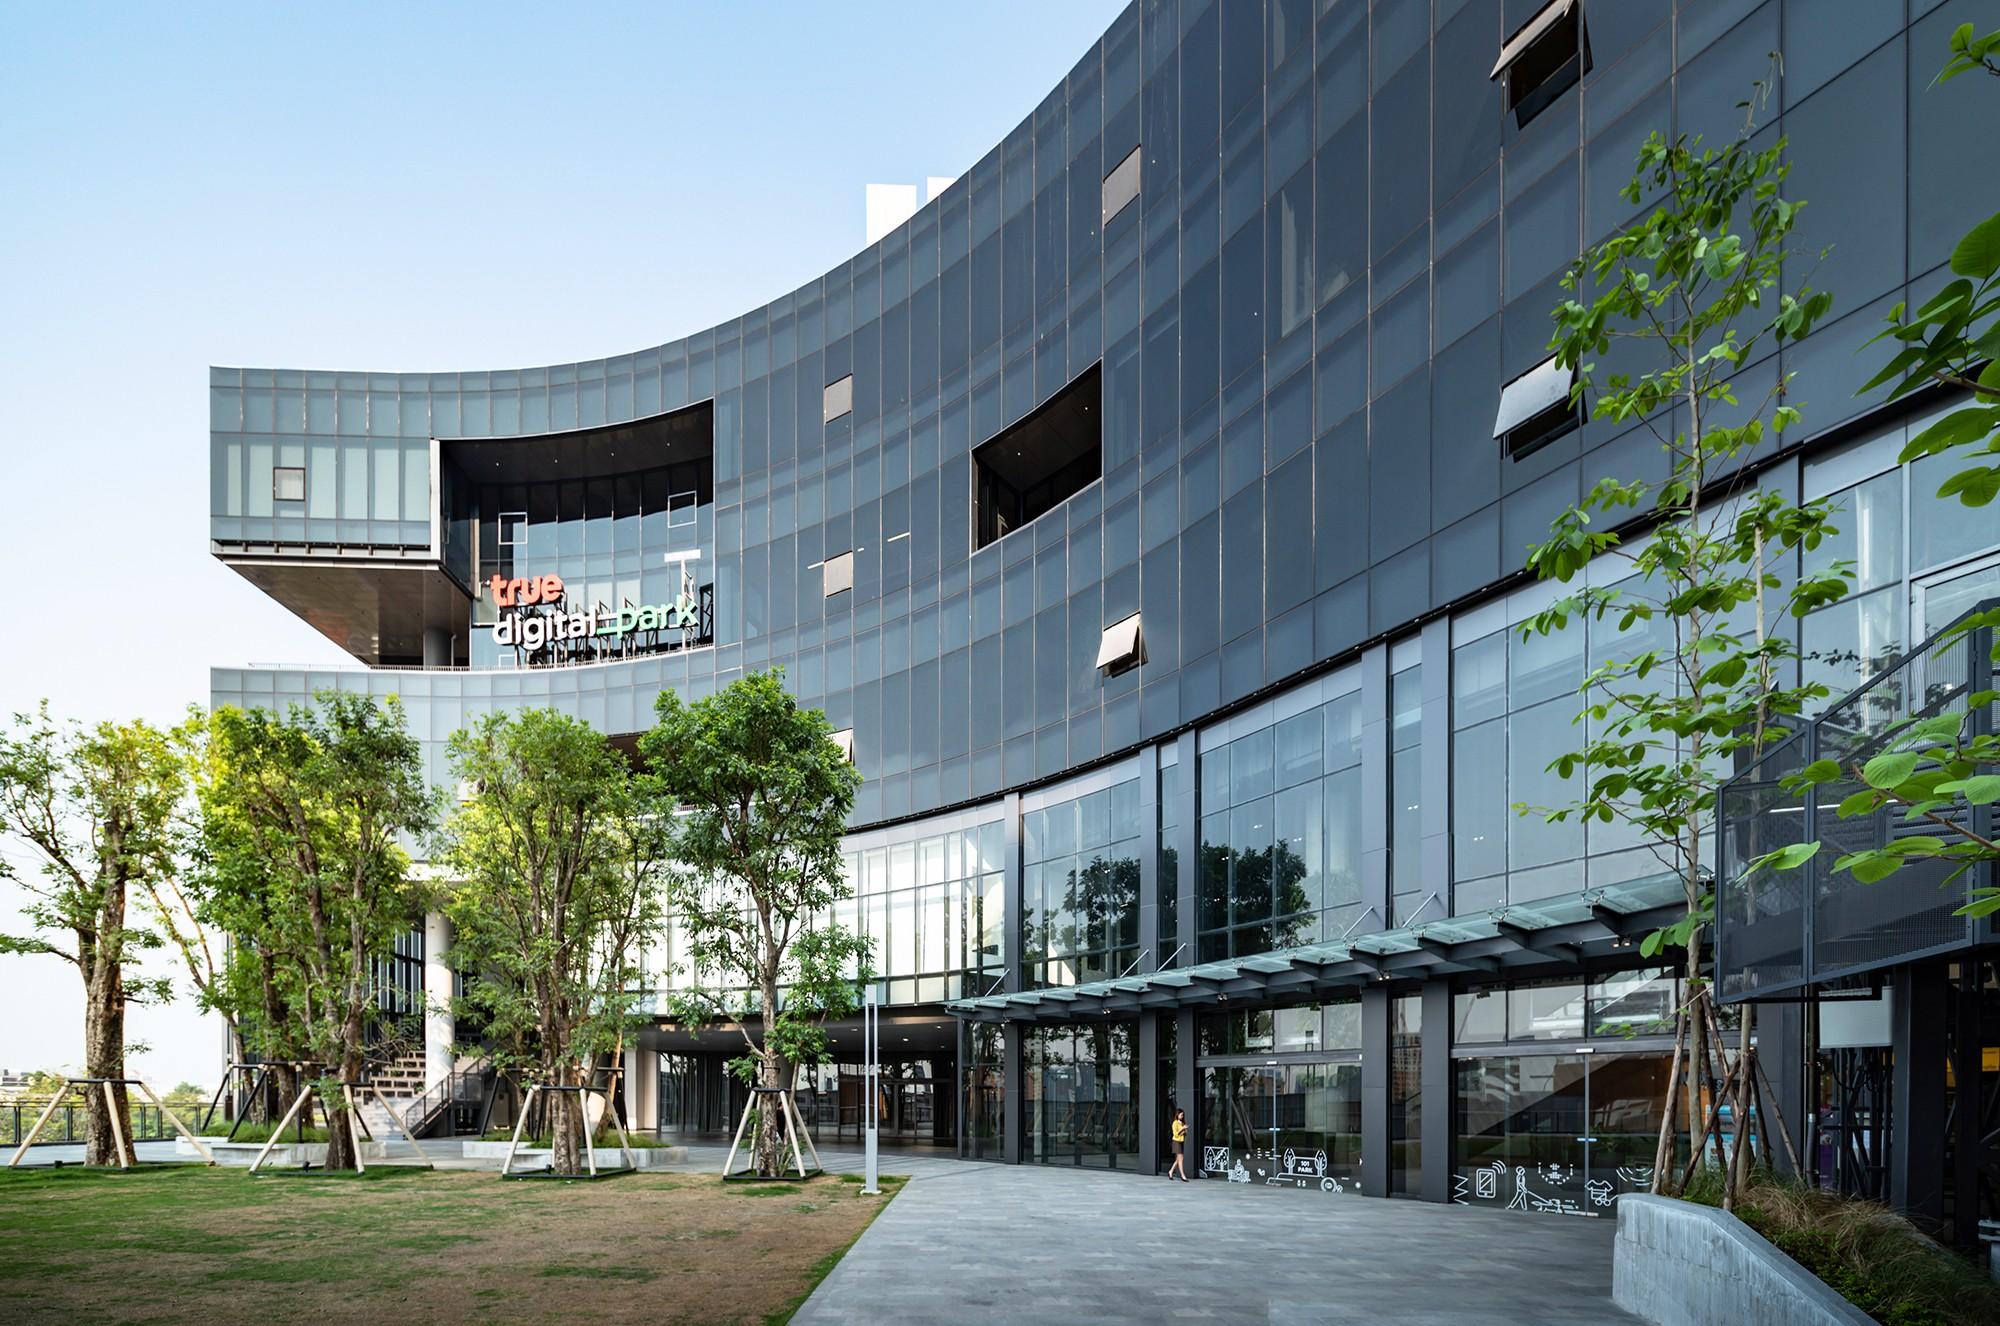 true digital park พื้นที่ทำงานและสร้างสรรค์นวัตกรรมดิจิทัลครบวงจร สำหรับคนยุคใหม่